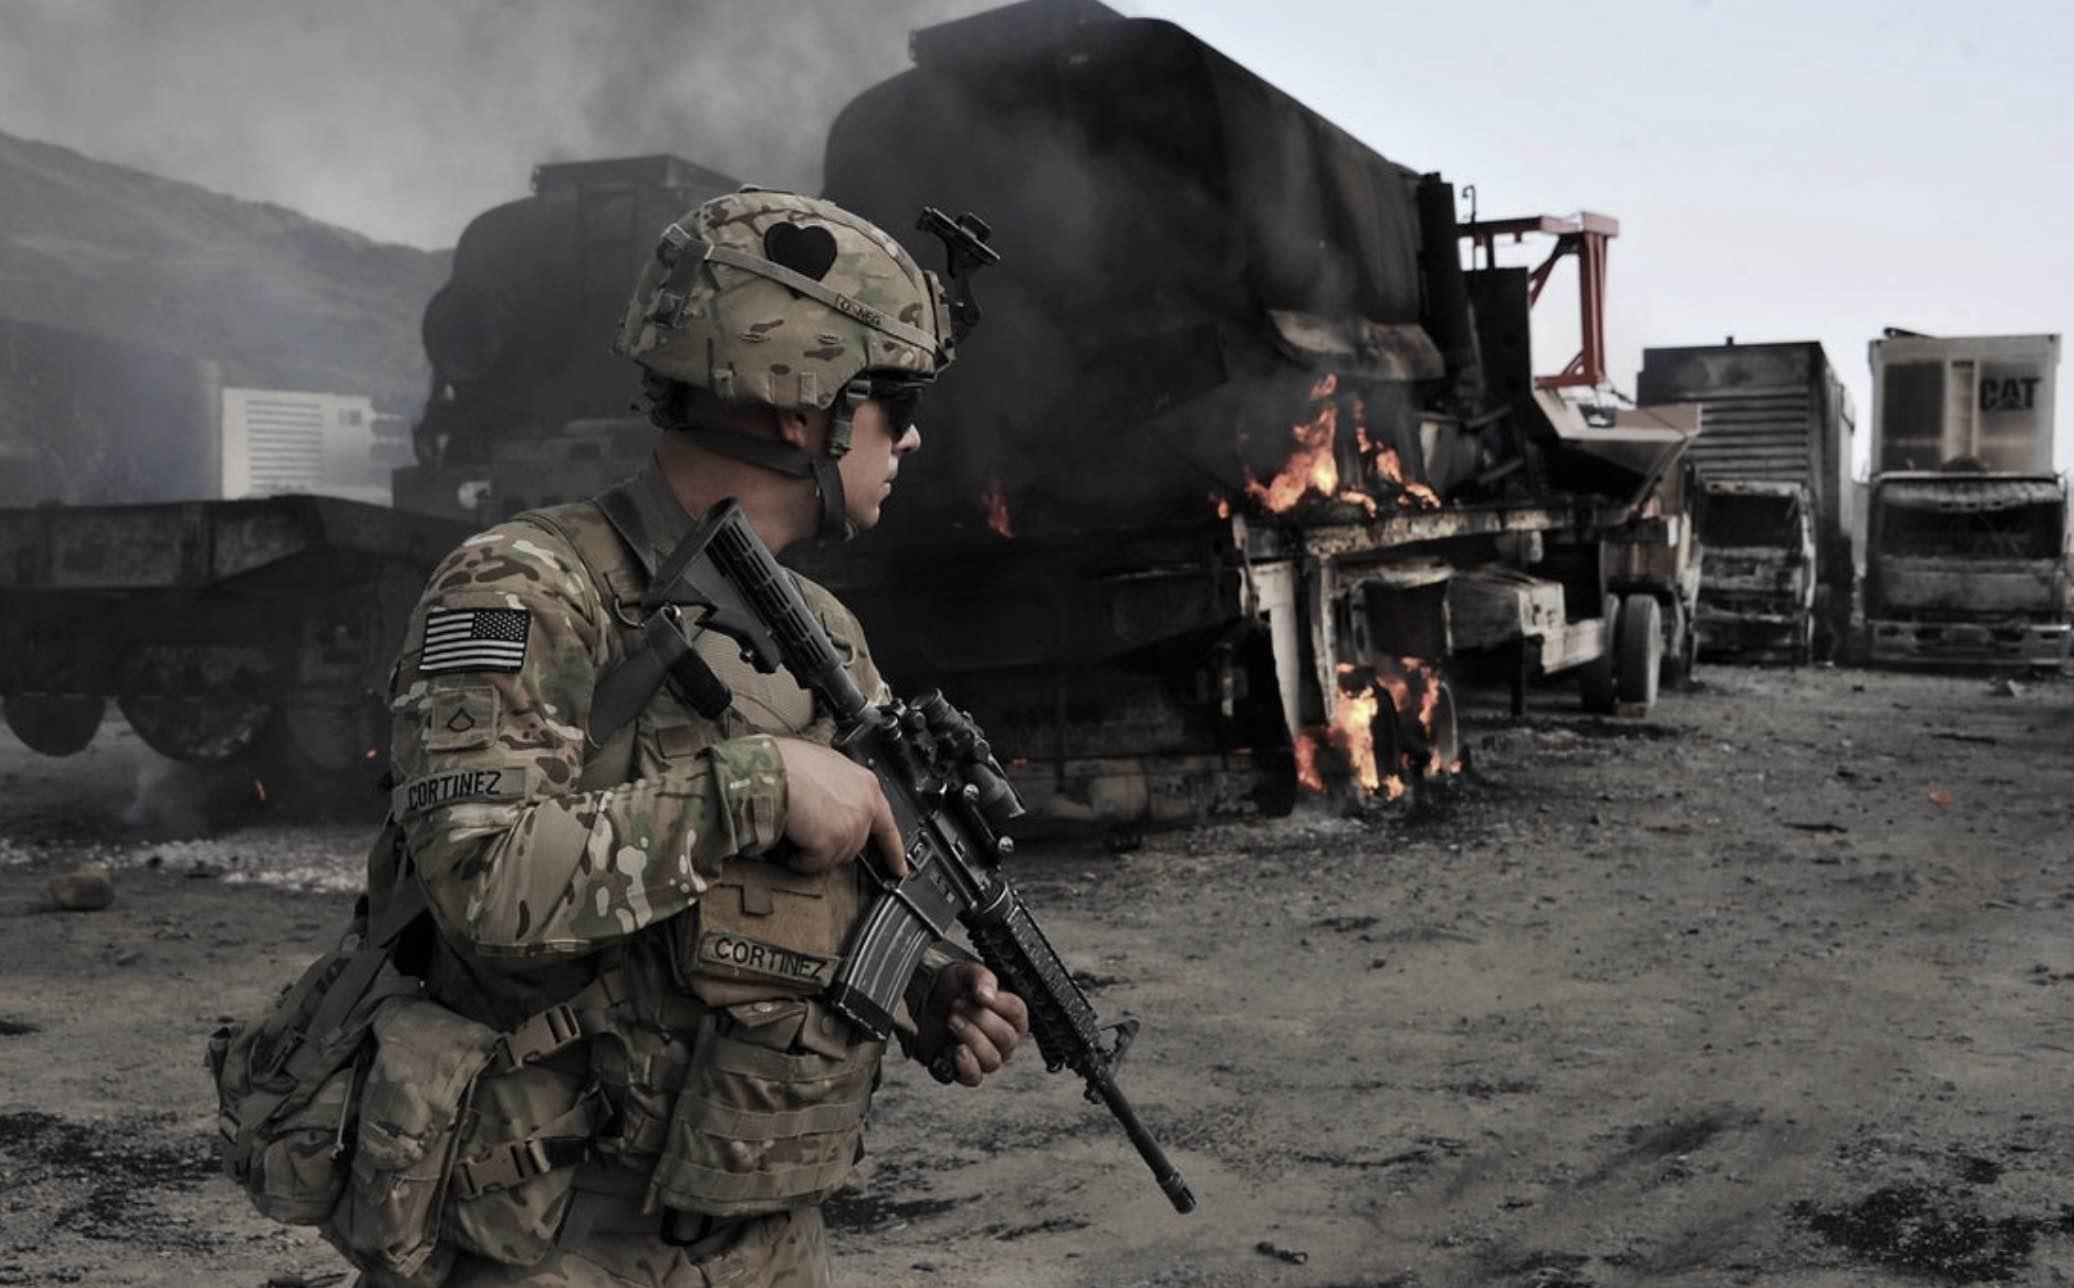 Fuerzas estadounidenses en Afganistán, John Marulanda, Opio, América Latina